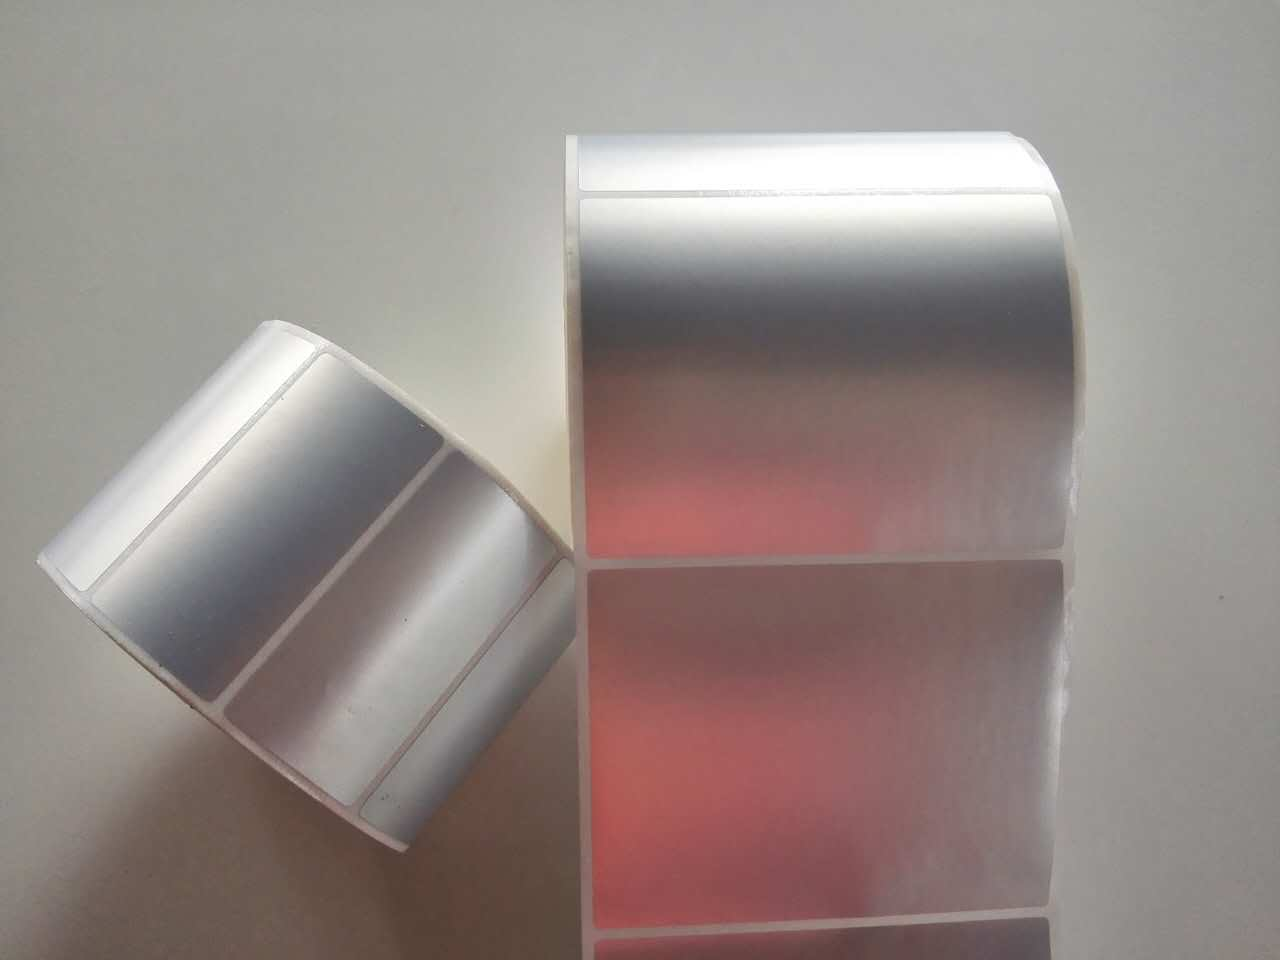 厂家定制条码标签纸 银色防水标签 五金家电标签